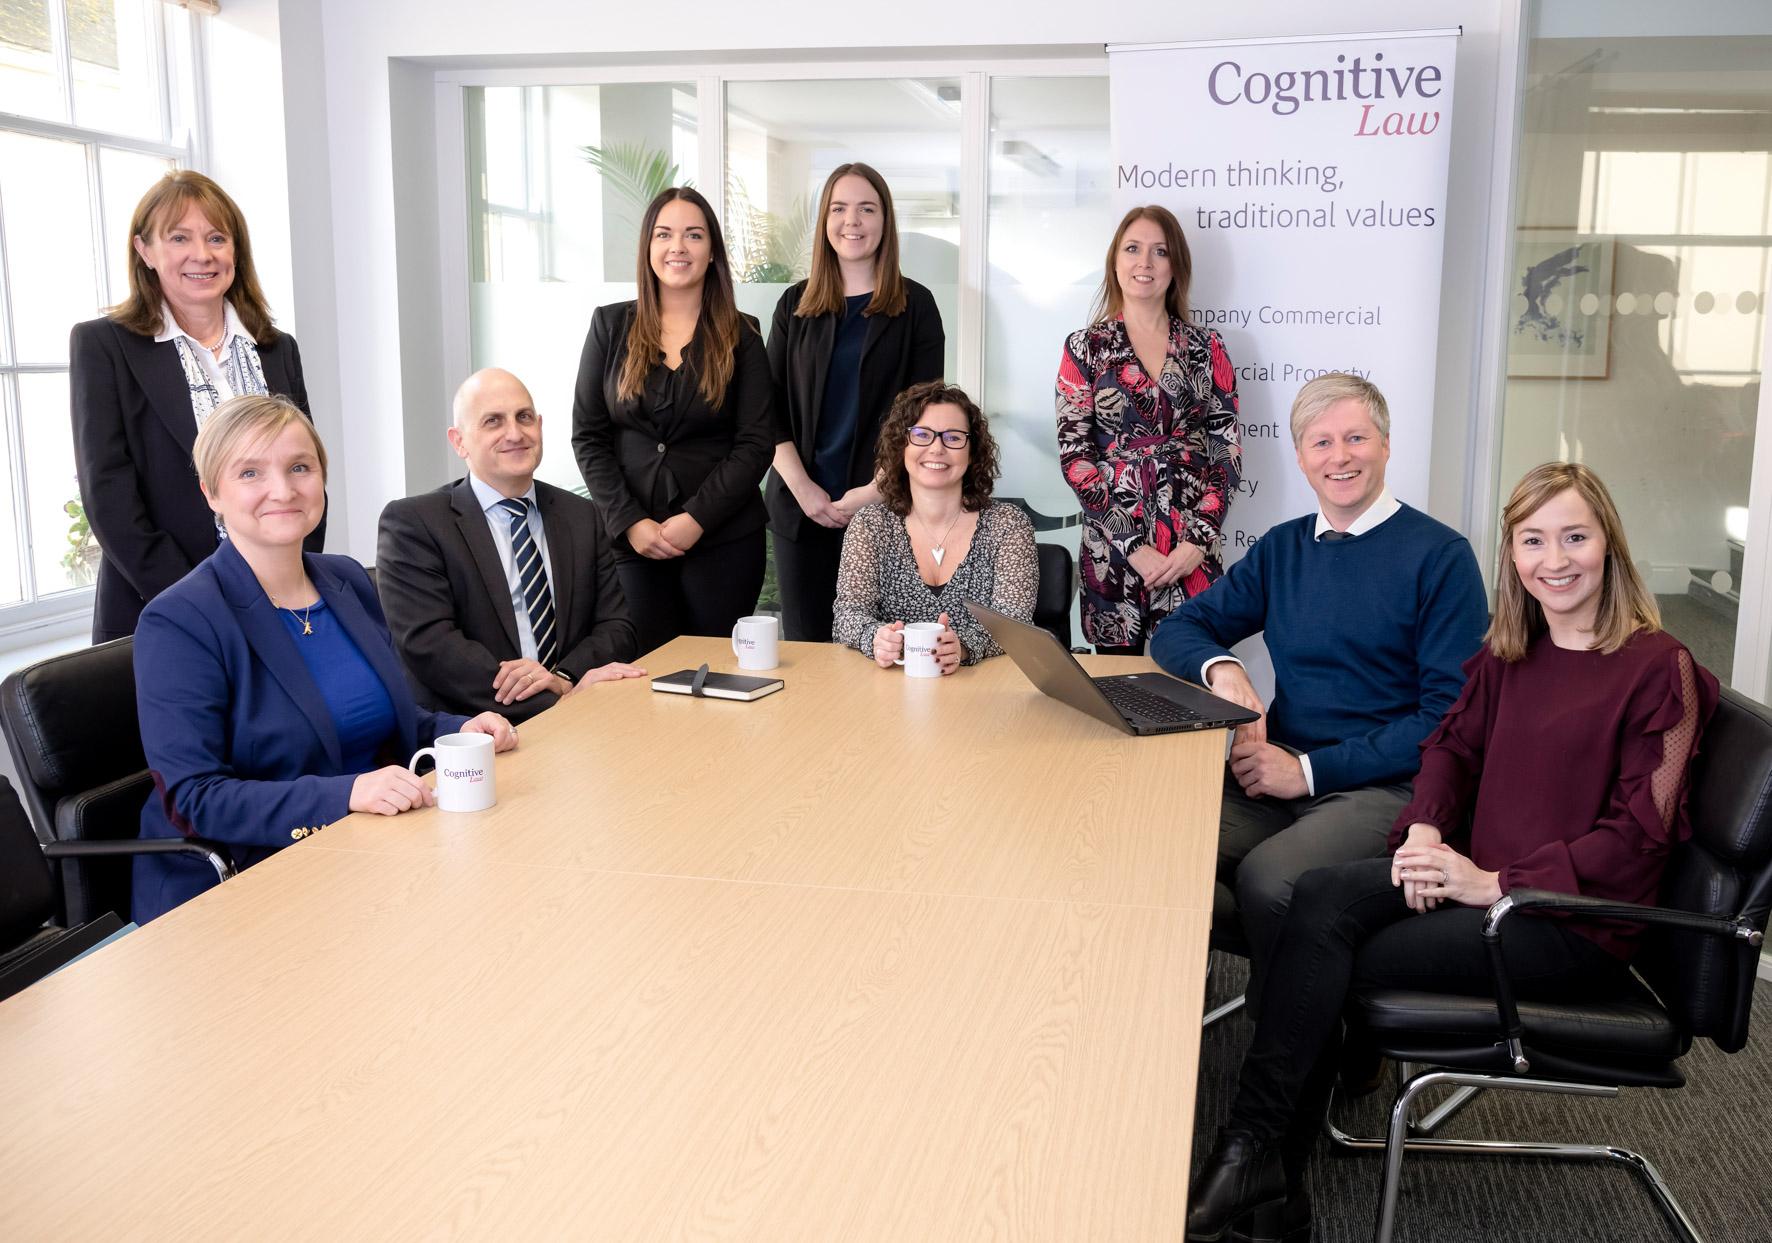 Cognitive Law